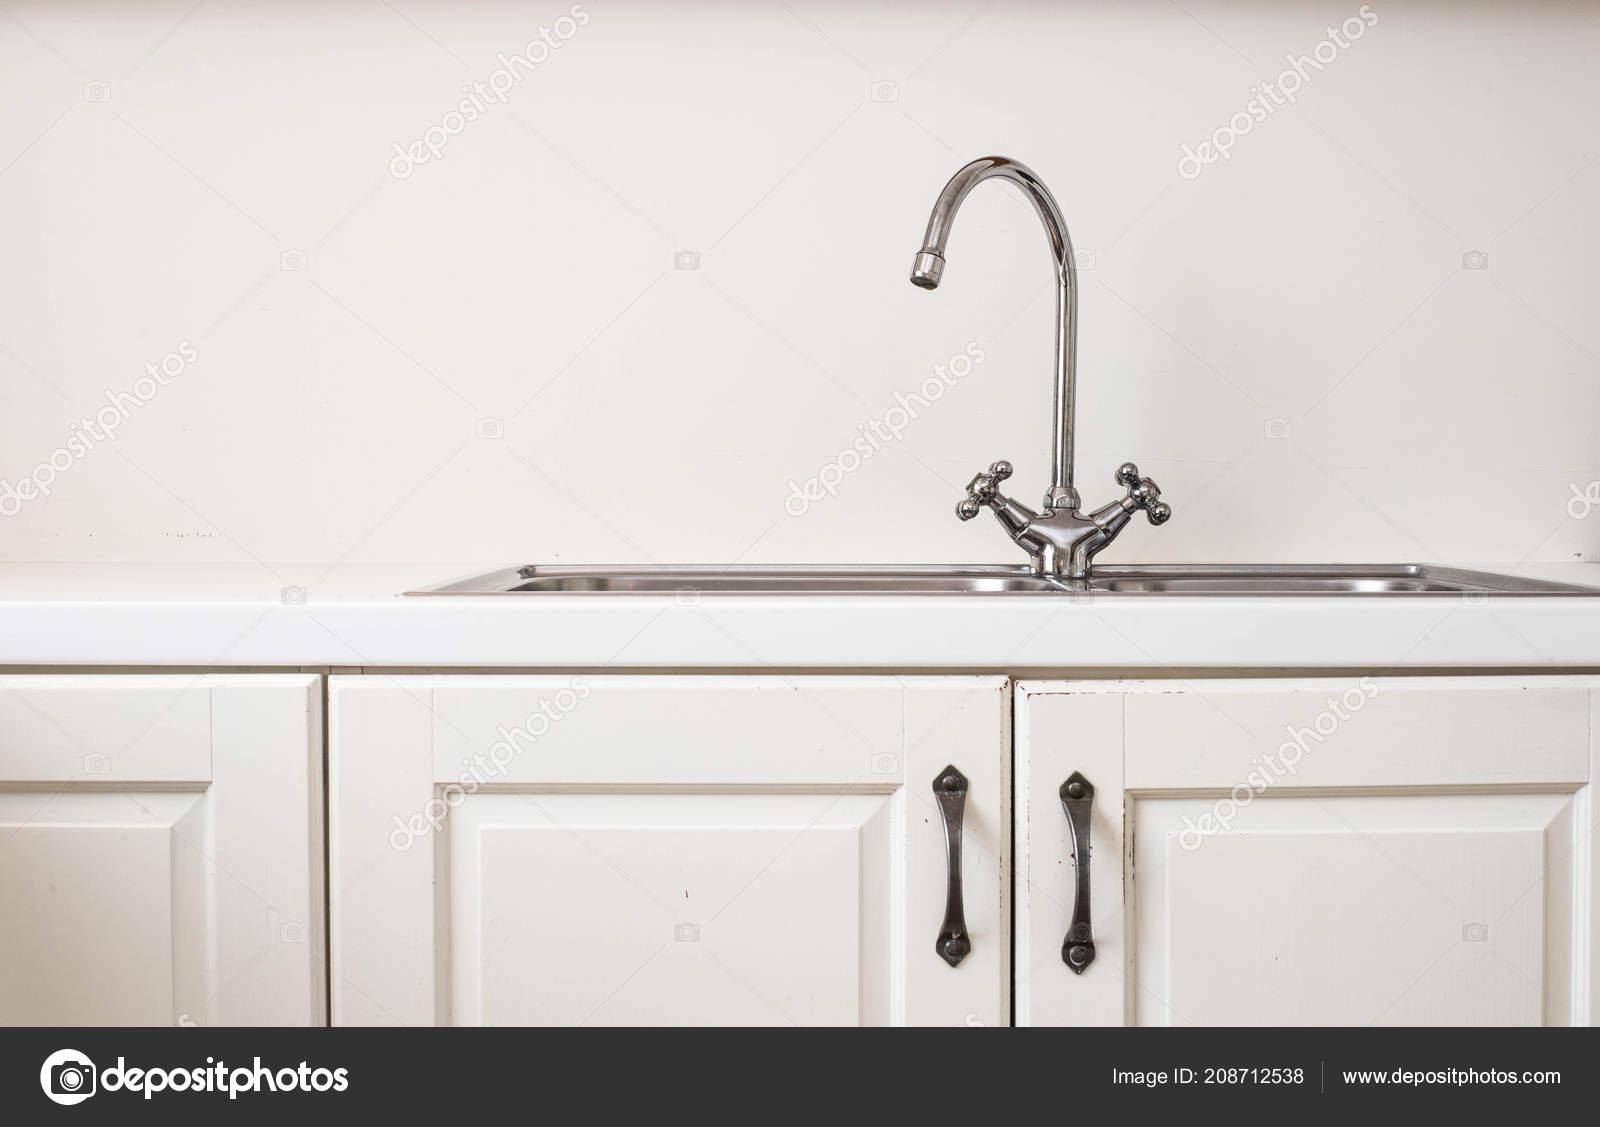 Retro Design Keuken : Moderne witte keuken met houten accenten en ijzer wastafel close up